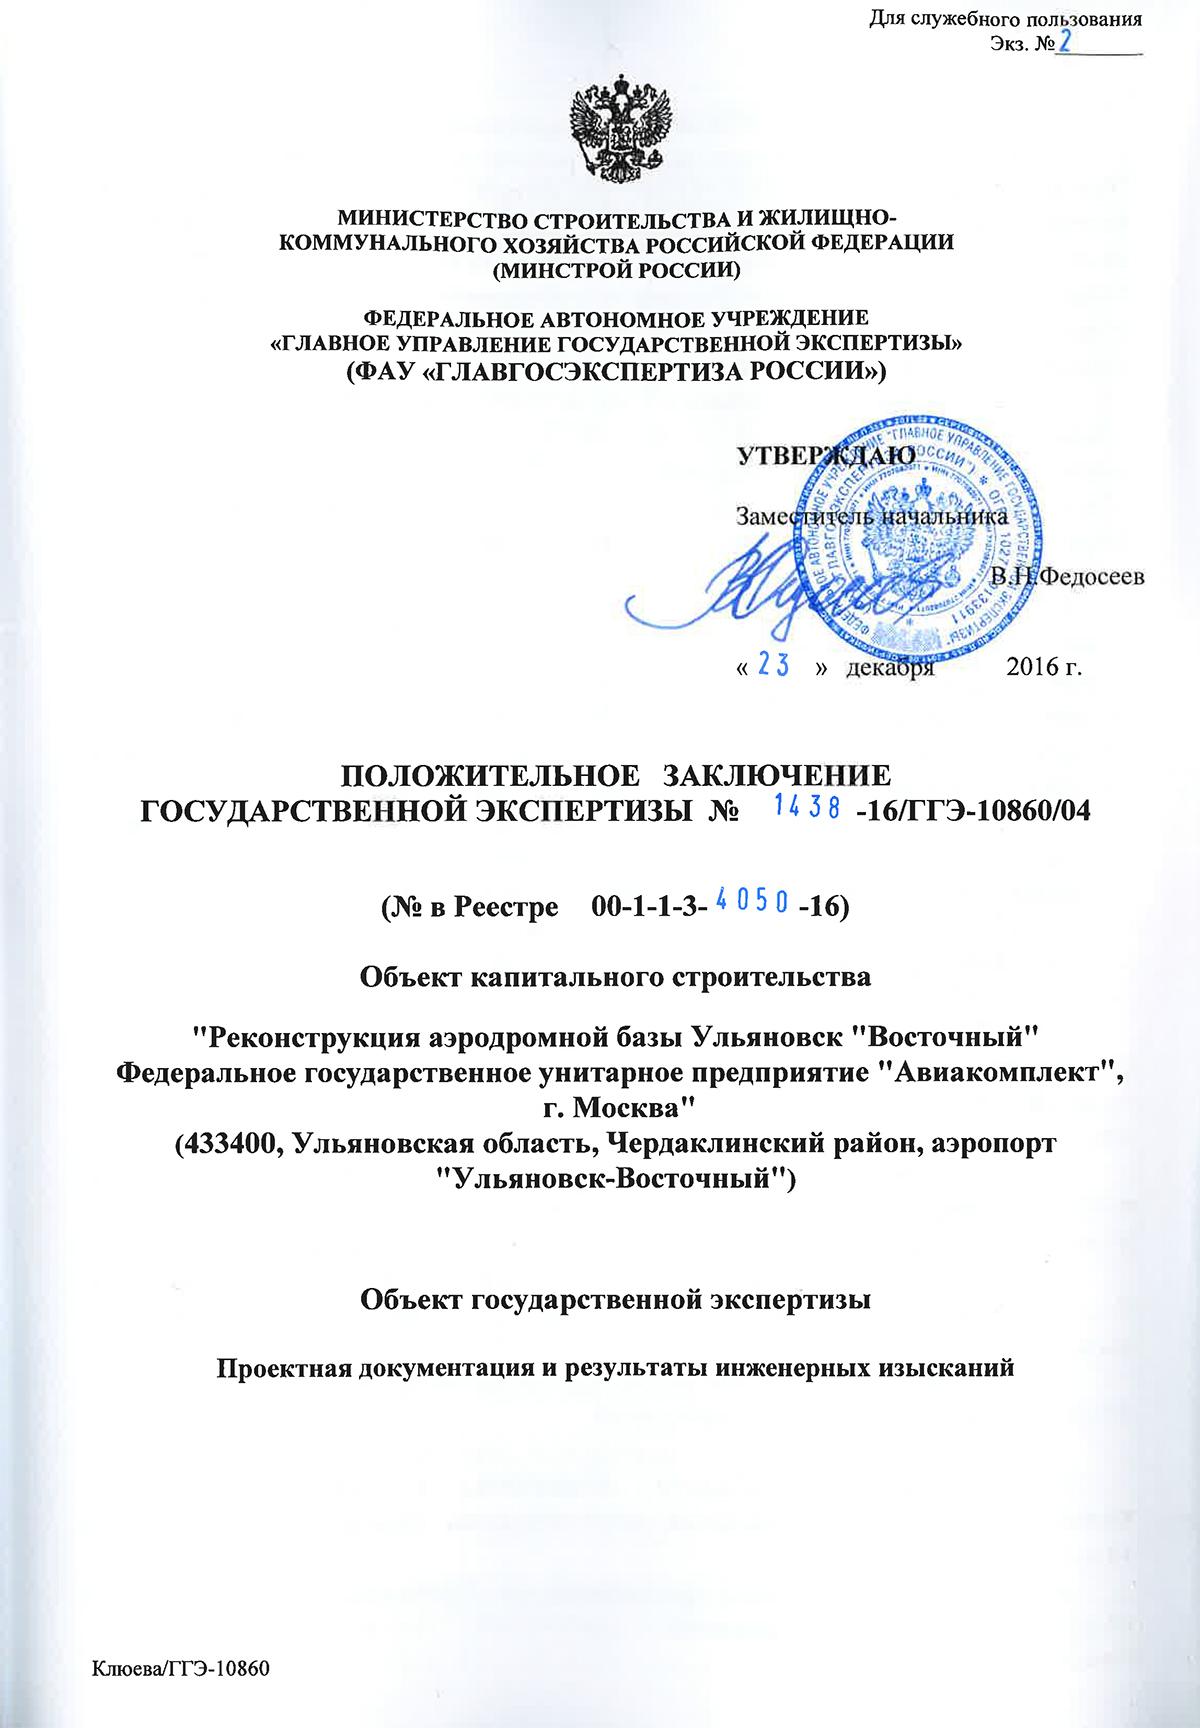 Положительное заключение Главгосэкспертизы России в конце 2016 года